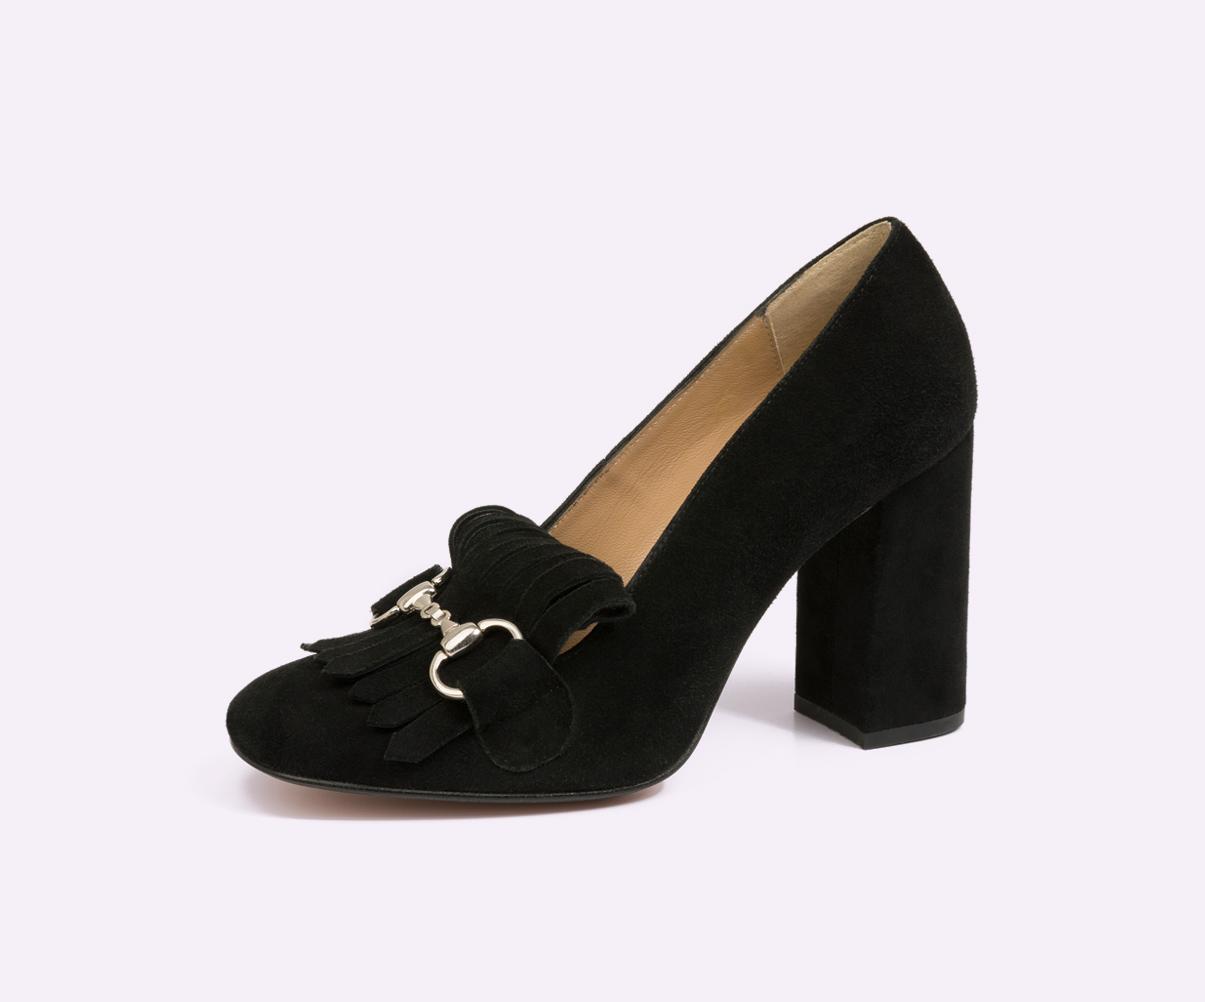 zapatos de tacón para mujer fabricados por la fábrica de zapatos Sandra Stylo